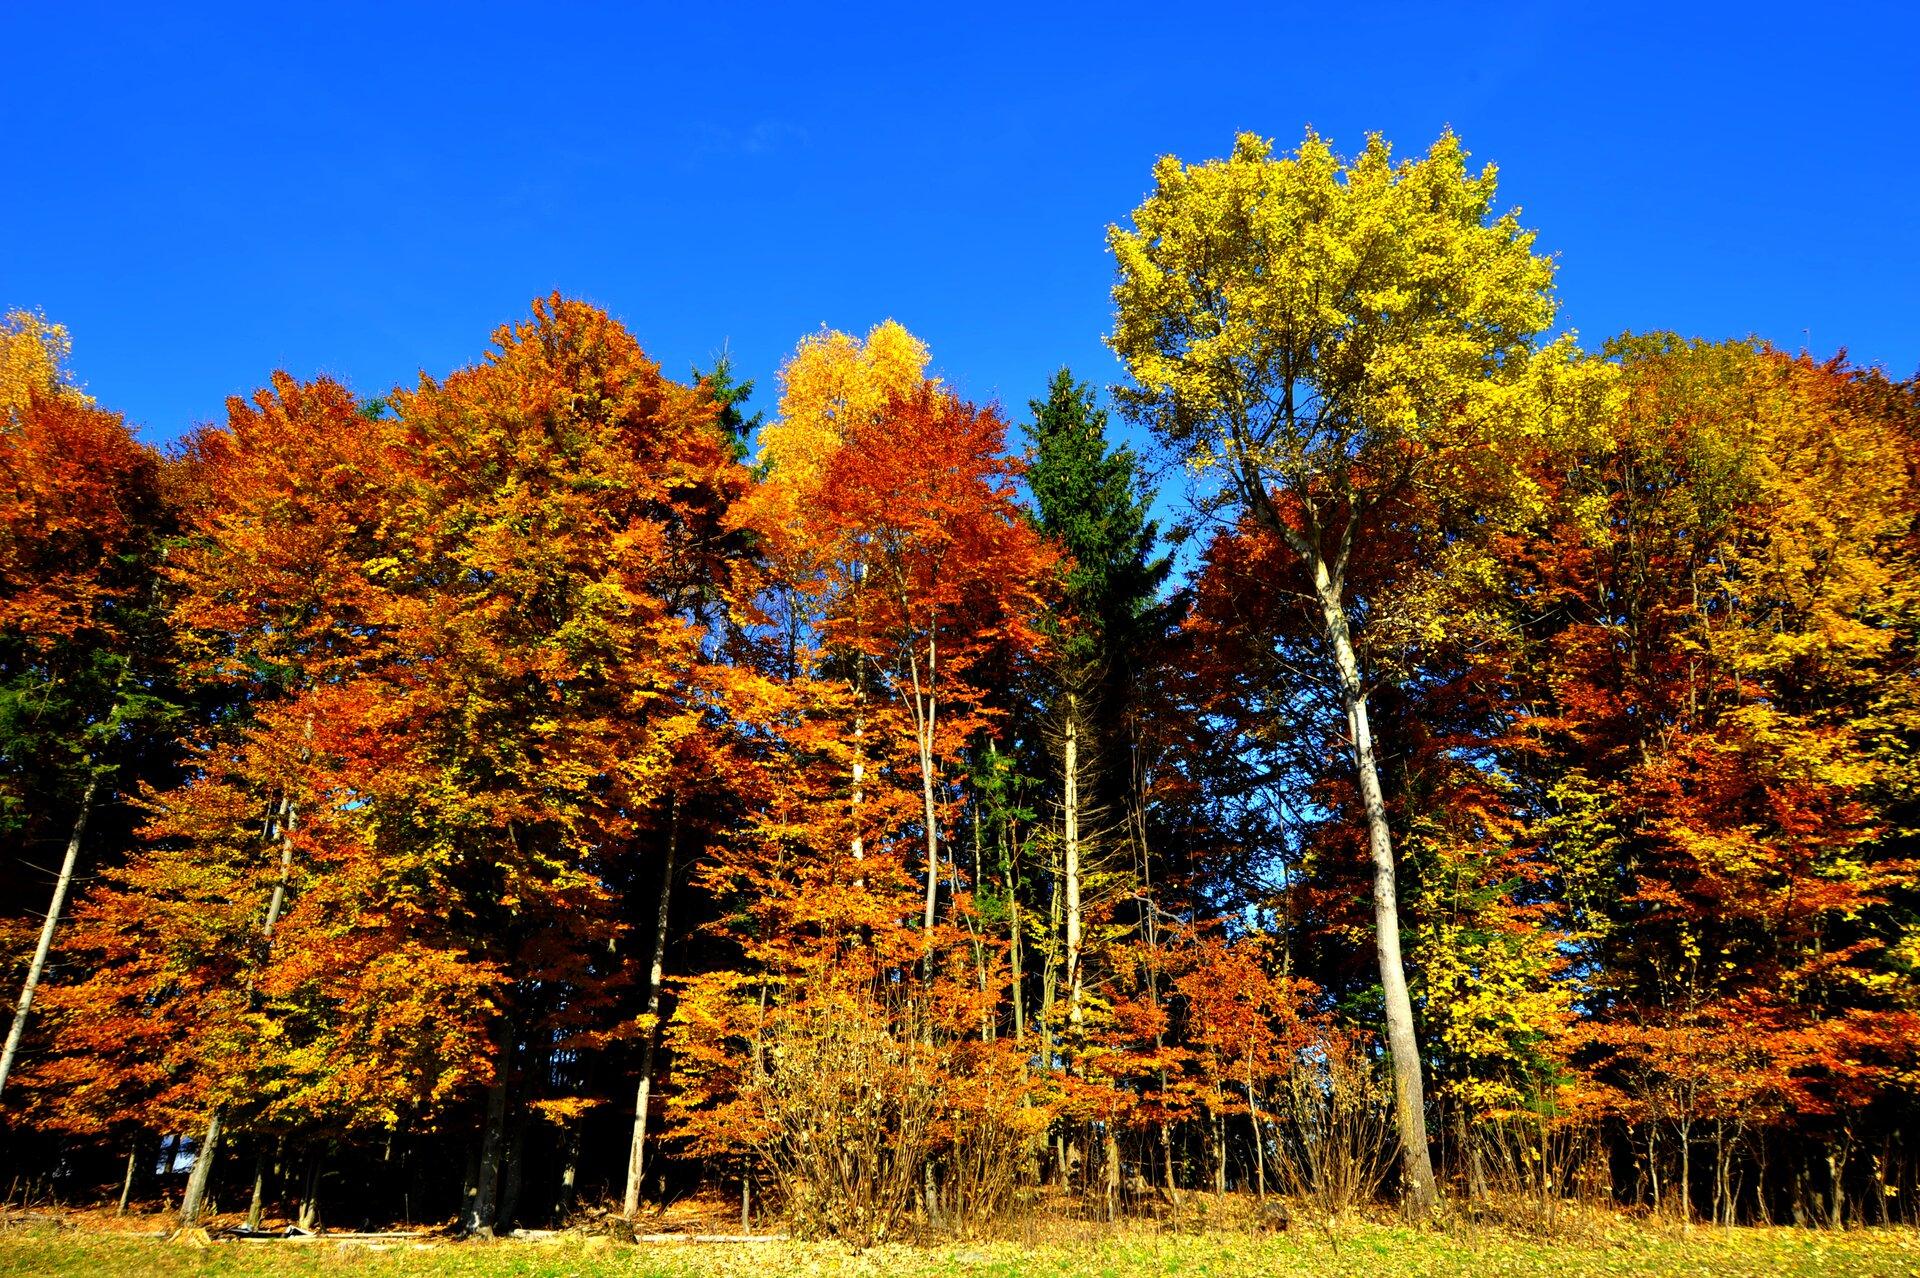 Zdjęcie krajobraz lasu liściastego strefy umiarkowanej wokresie zrzucania liści. Liście na drzewach wkolorach żółtych, czerwonych, brązowych izielonych. Słoneczny dzień, błękitne niebo.